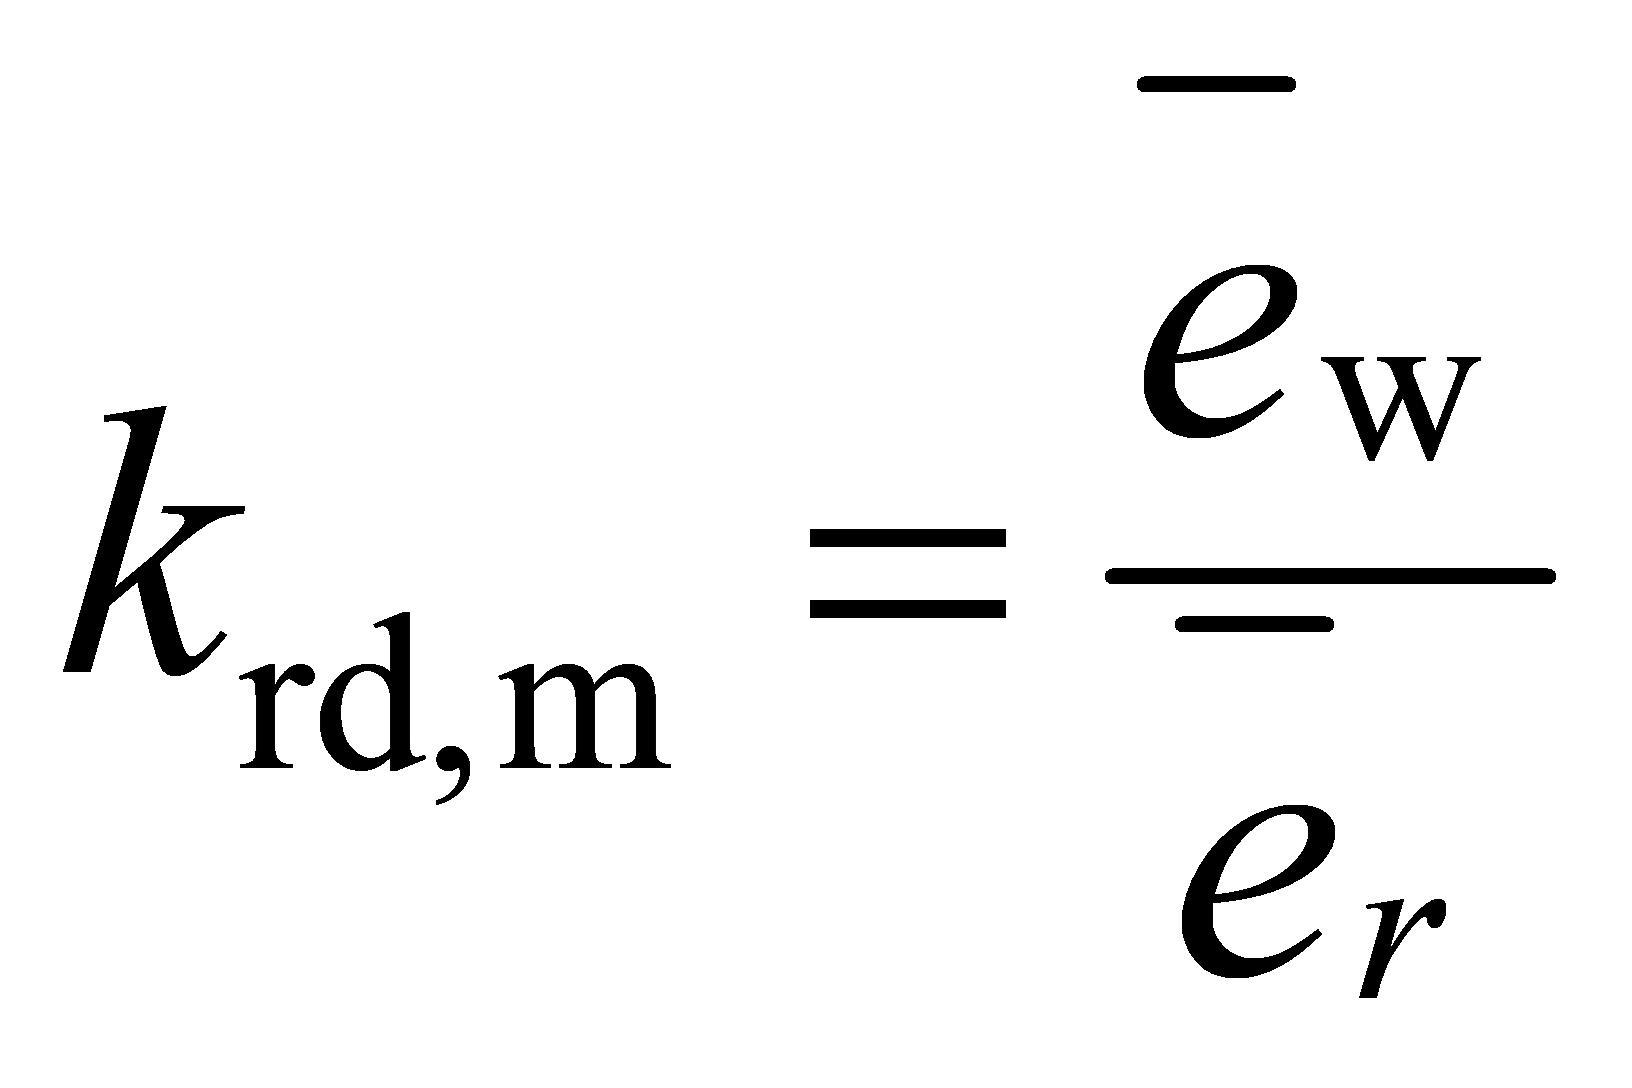 EUR-Lex - C(2018)2473 - EN - EUR-Lex